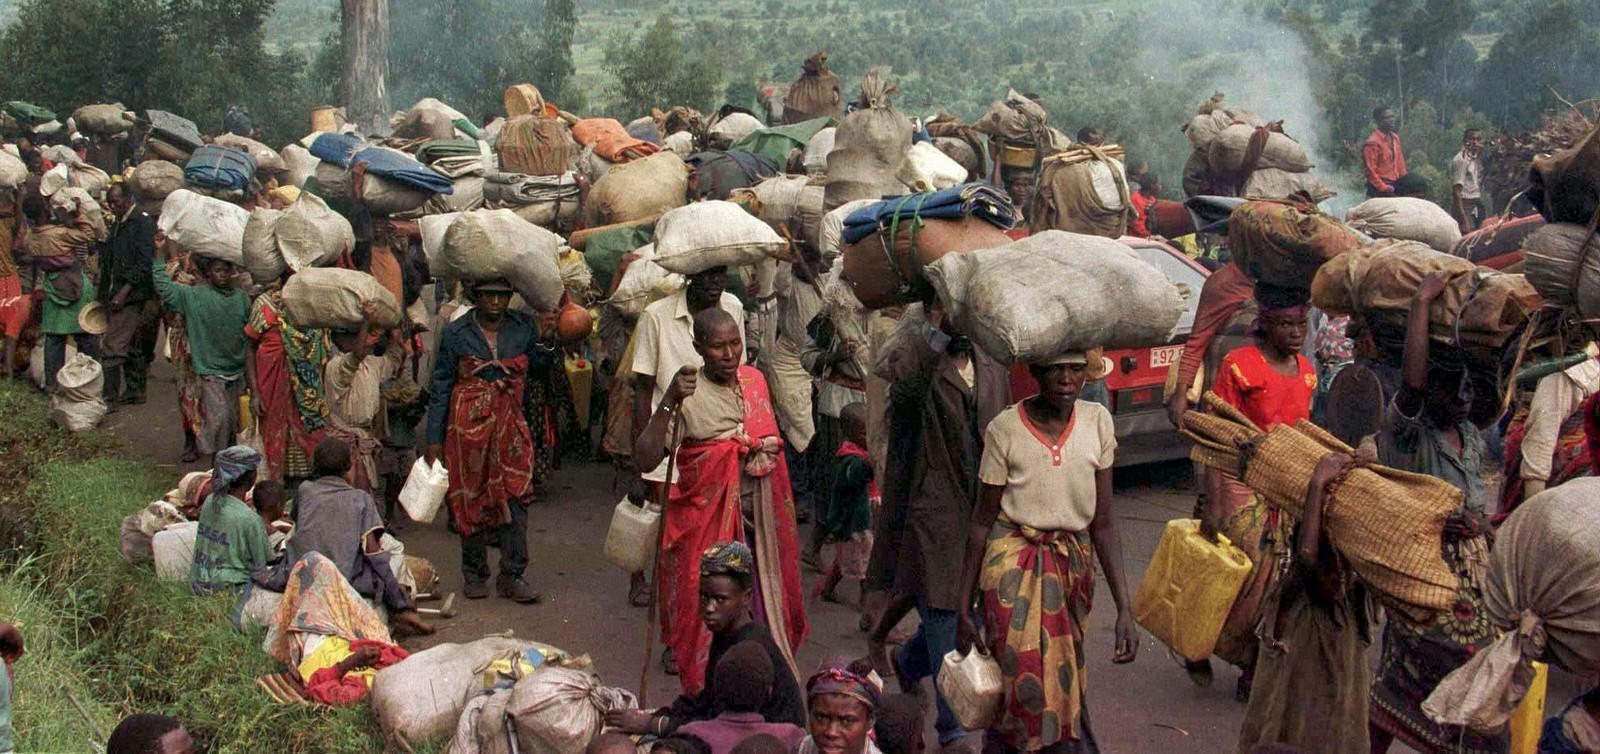 María Bajó para Avisar de la Matanza de Rwanda [en la próxima década]